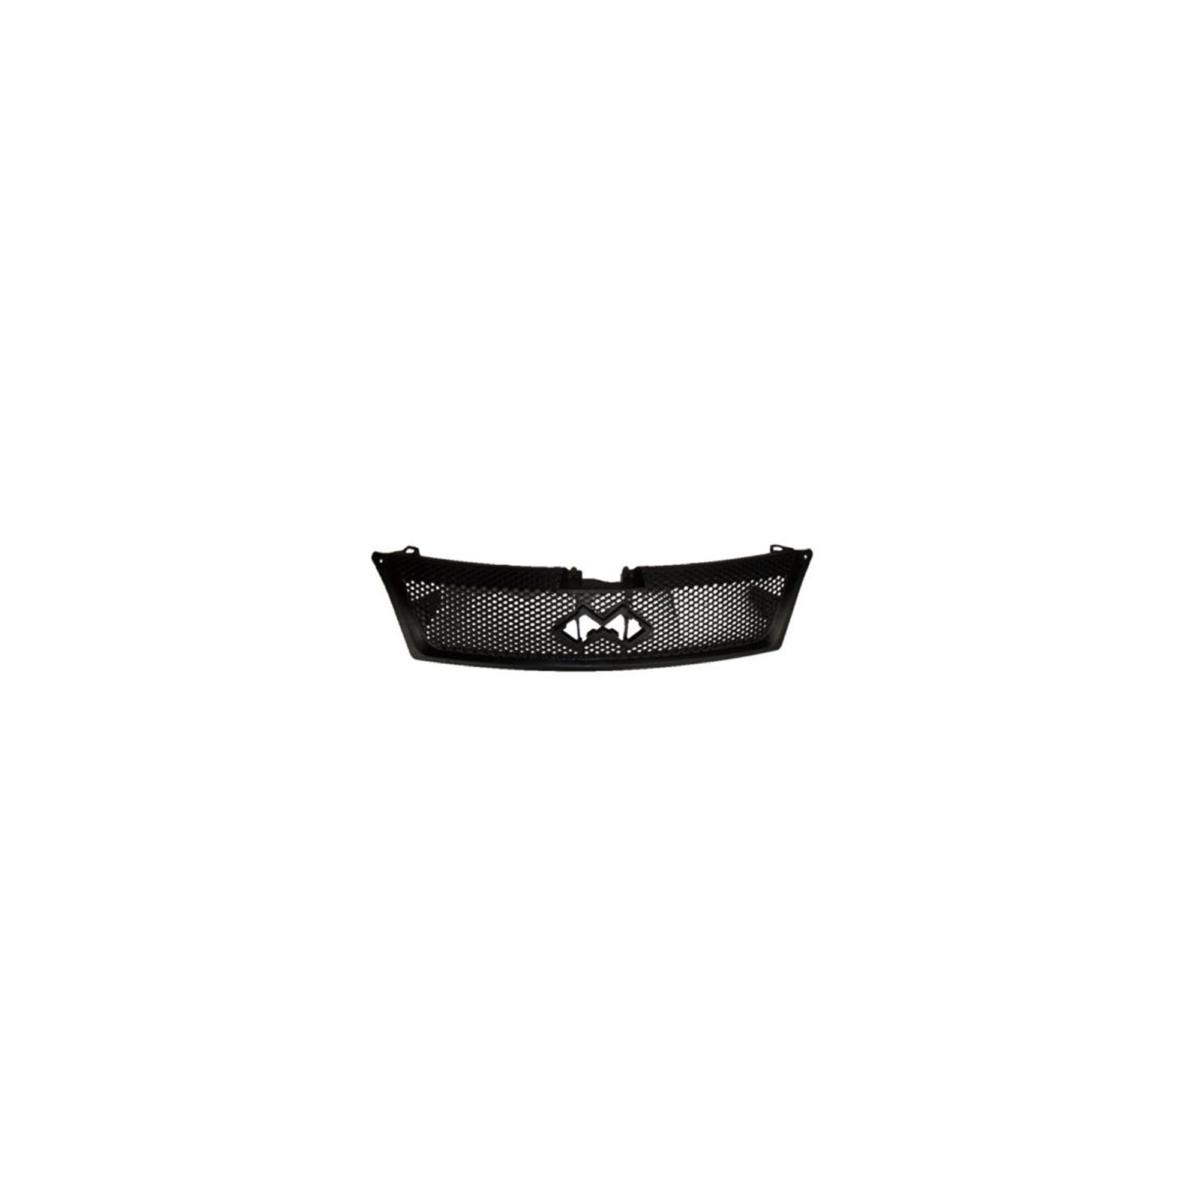 Calandra anteriore ligier x-too – x-too max